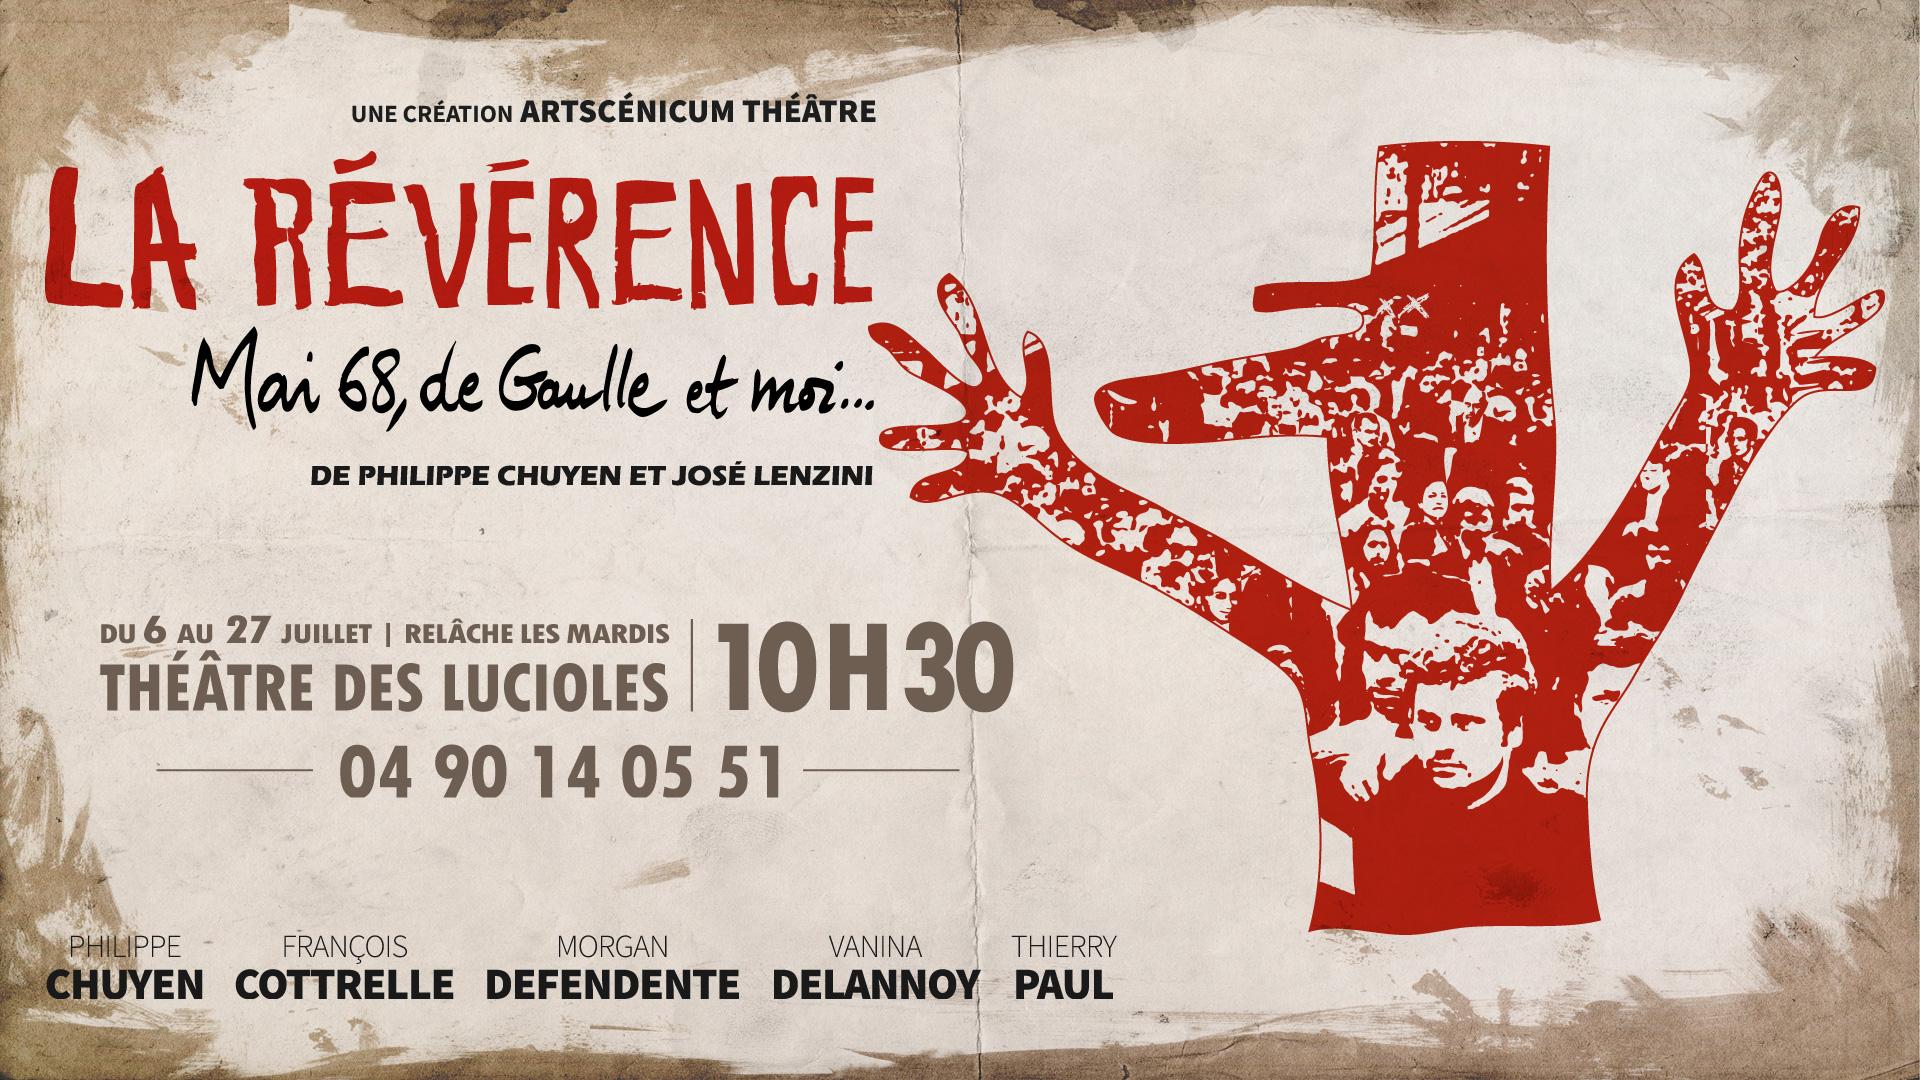 Au festival d'Avignon du 6 au 27 juillet 2019